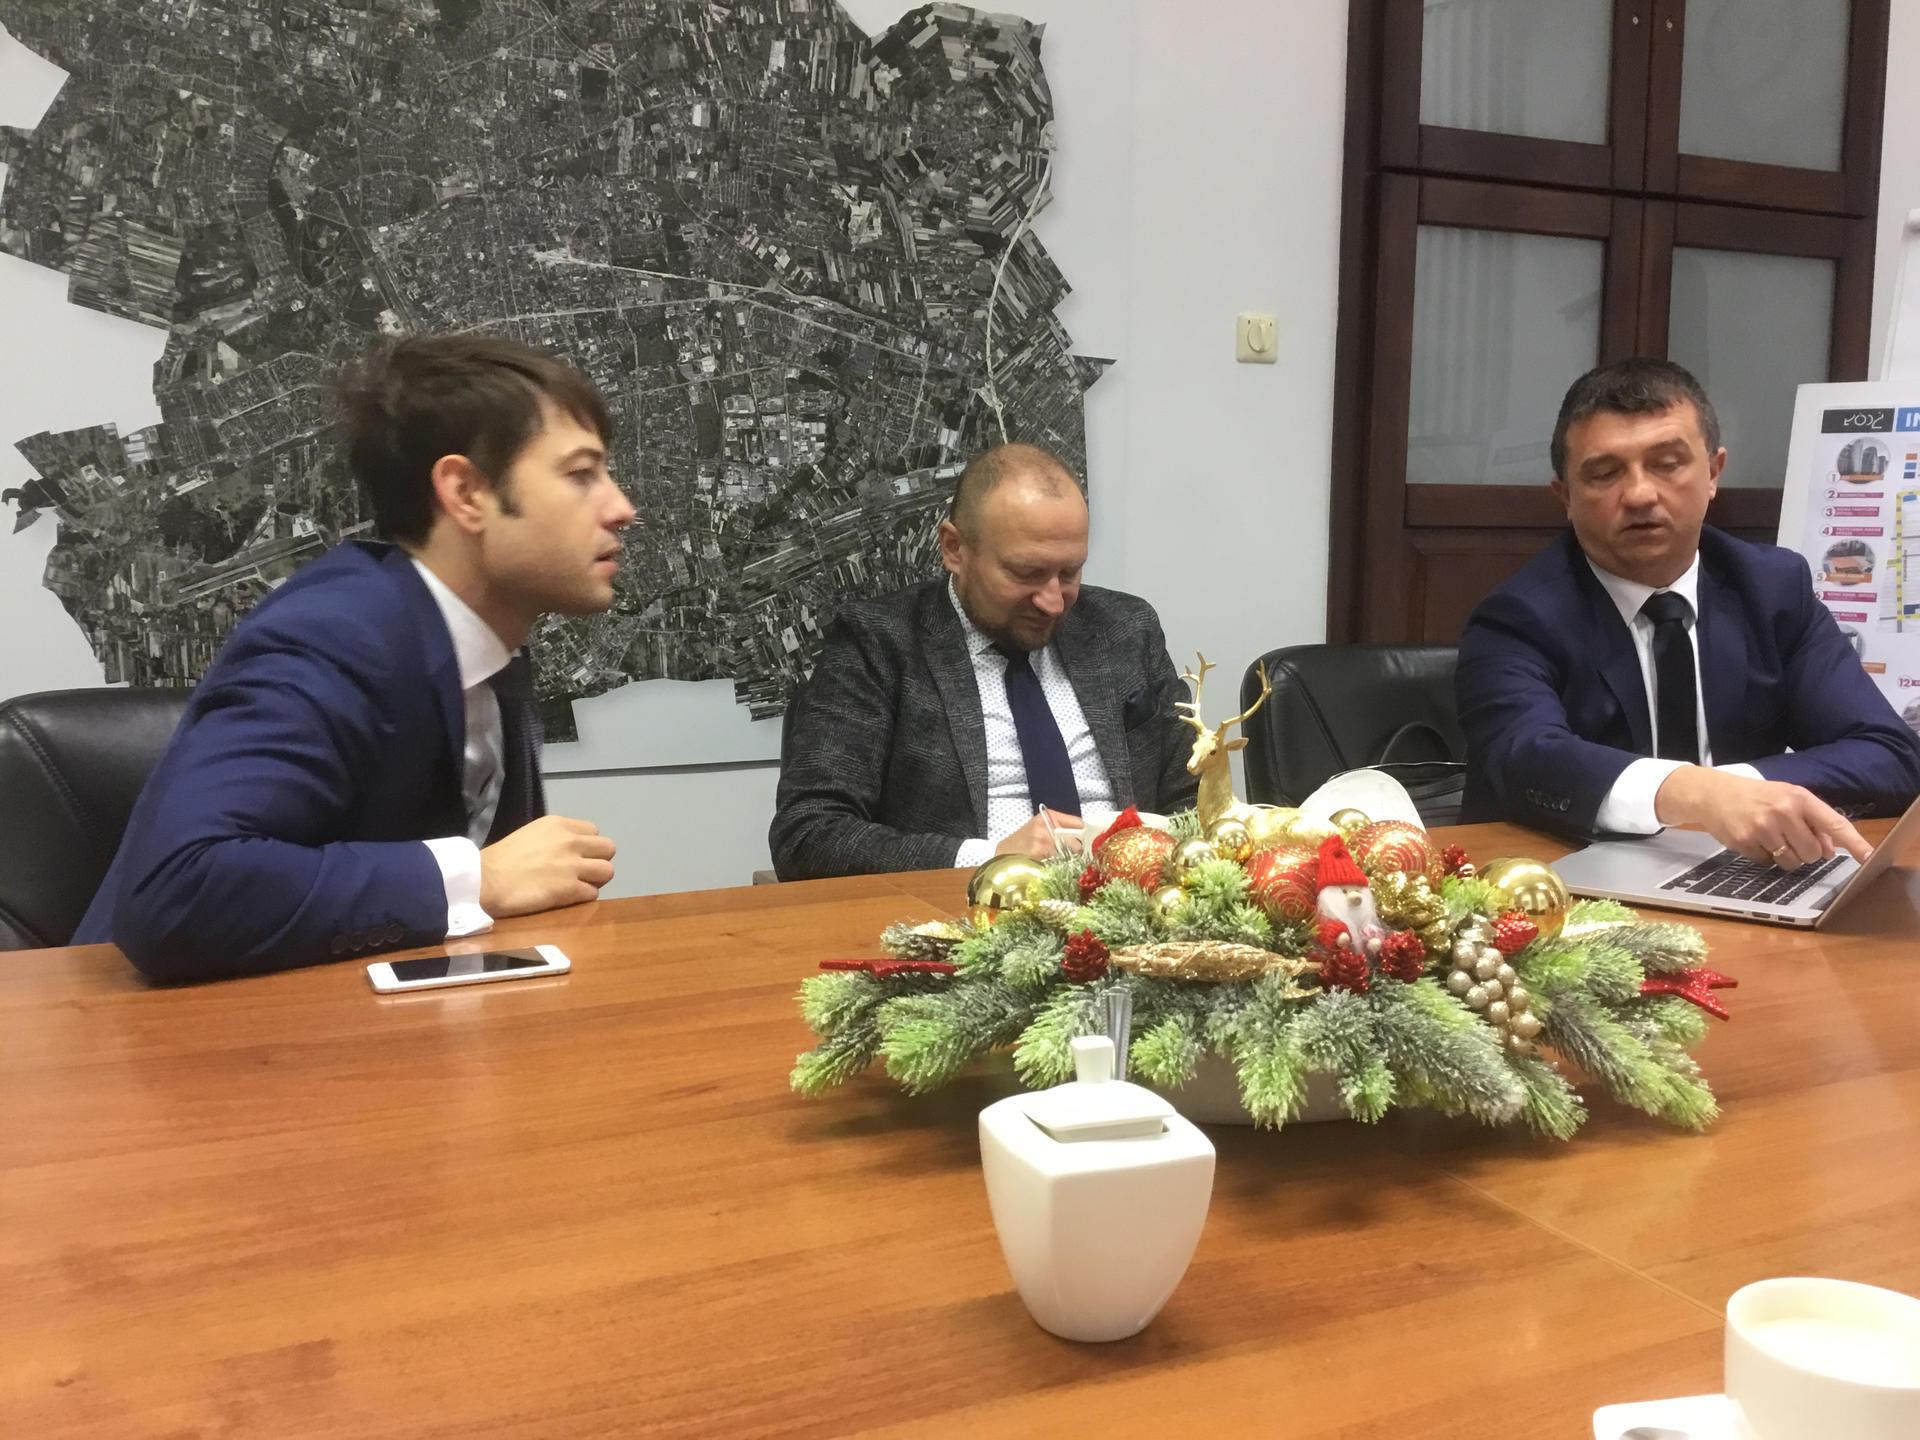 Konferencja w Urzędzie miasta w Łodzi